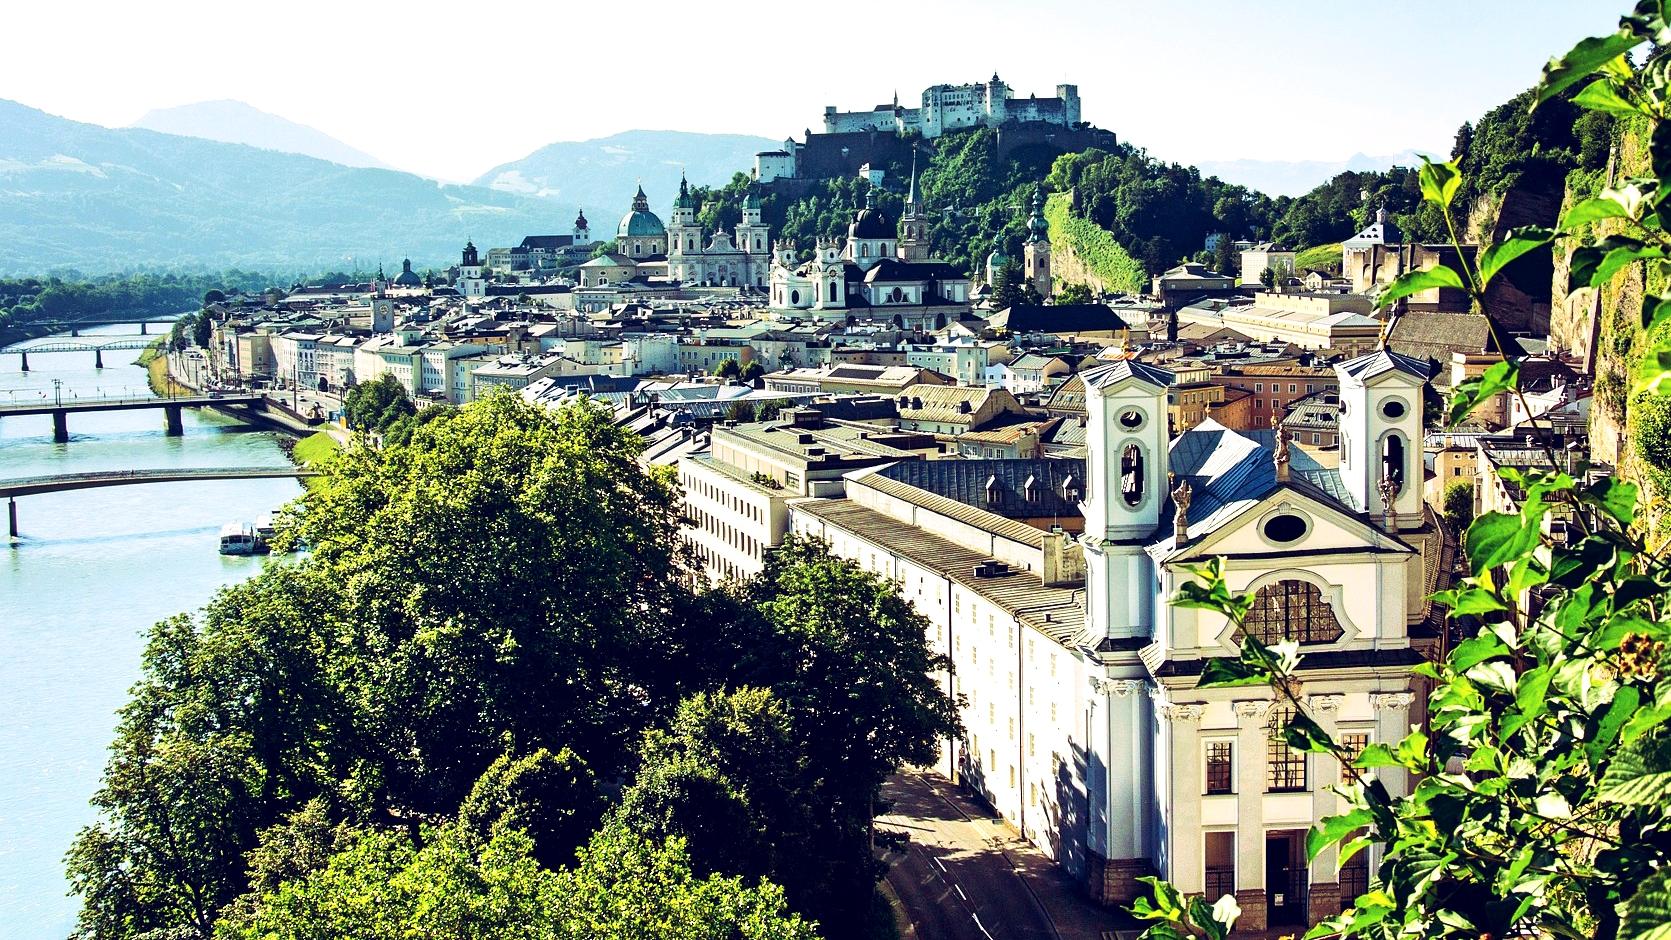 Gastartikel: Schlemmer-Tour durch Salzburg